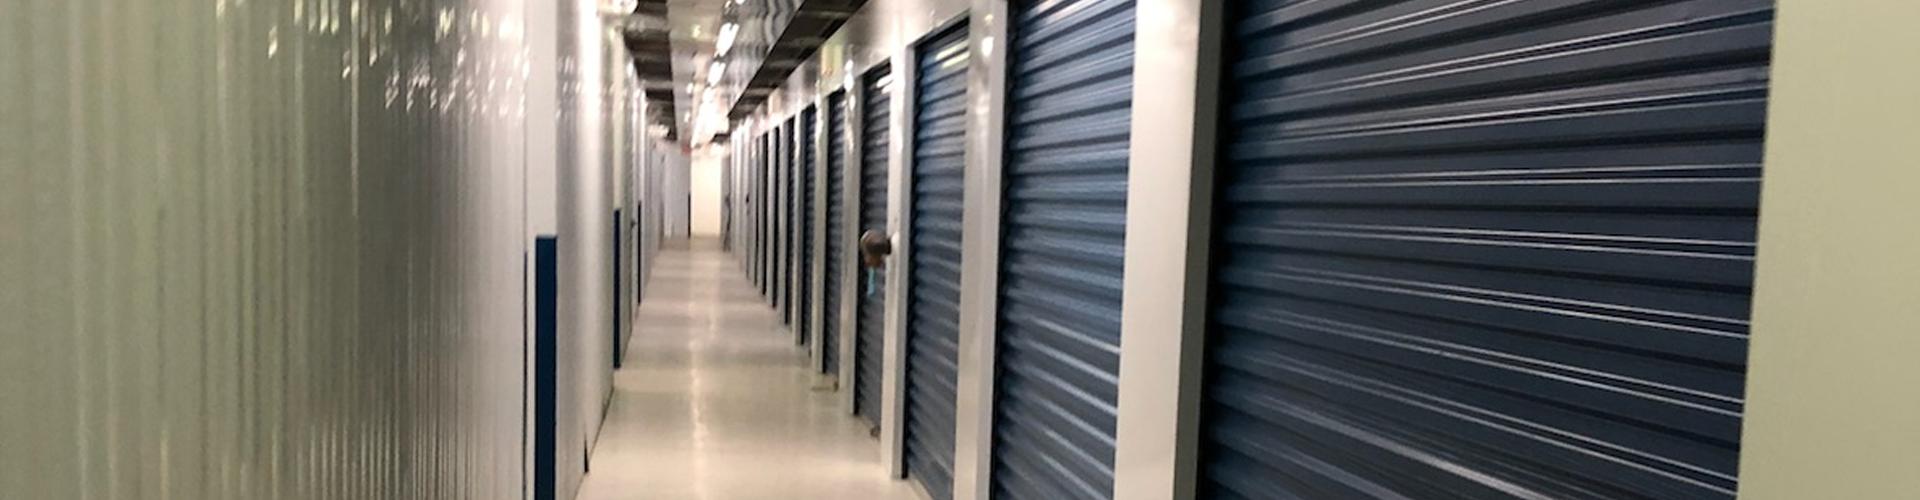 Wyncote PA Storage Location